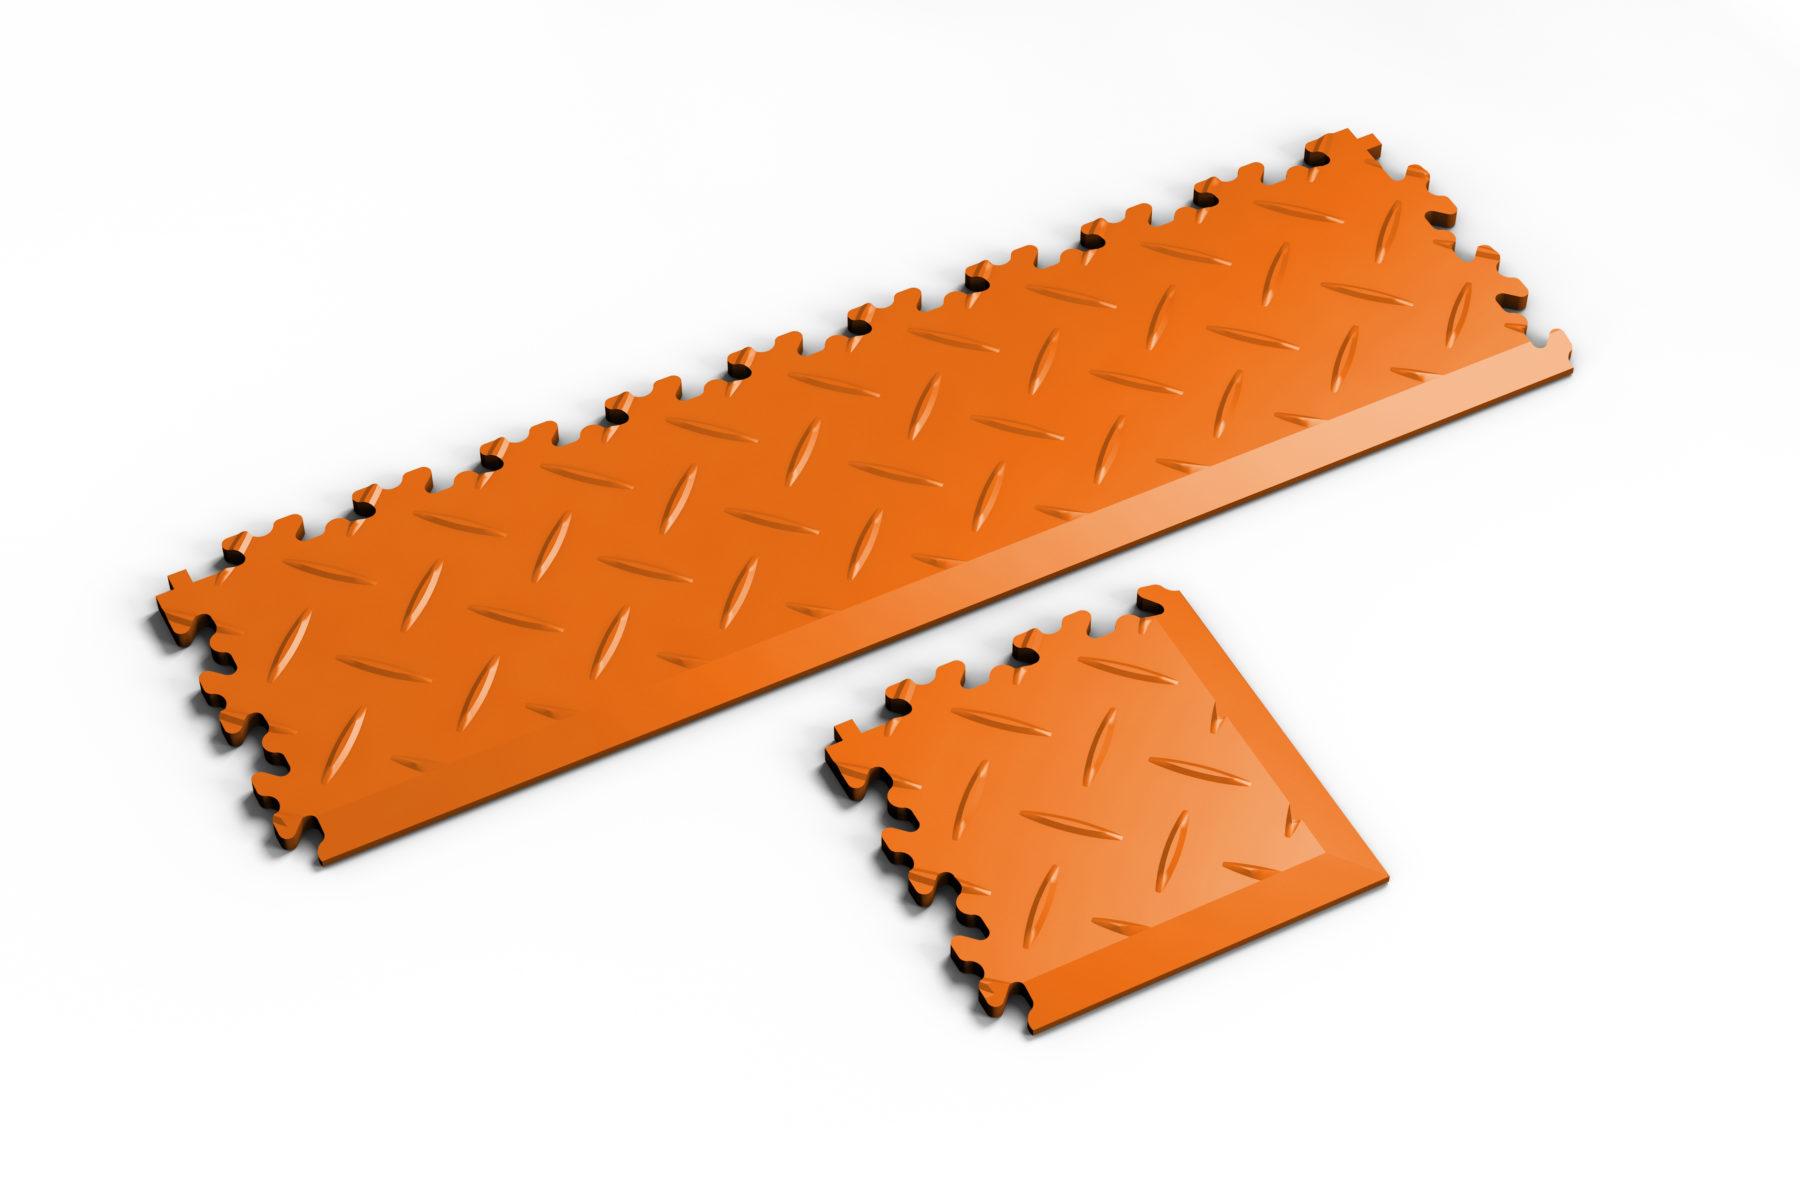 pvc-fliese-boden-platte-jp-mechanic-rampe-ecke-orange-diamant-industrie-mechanik